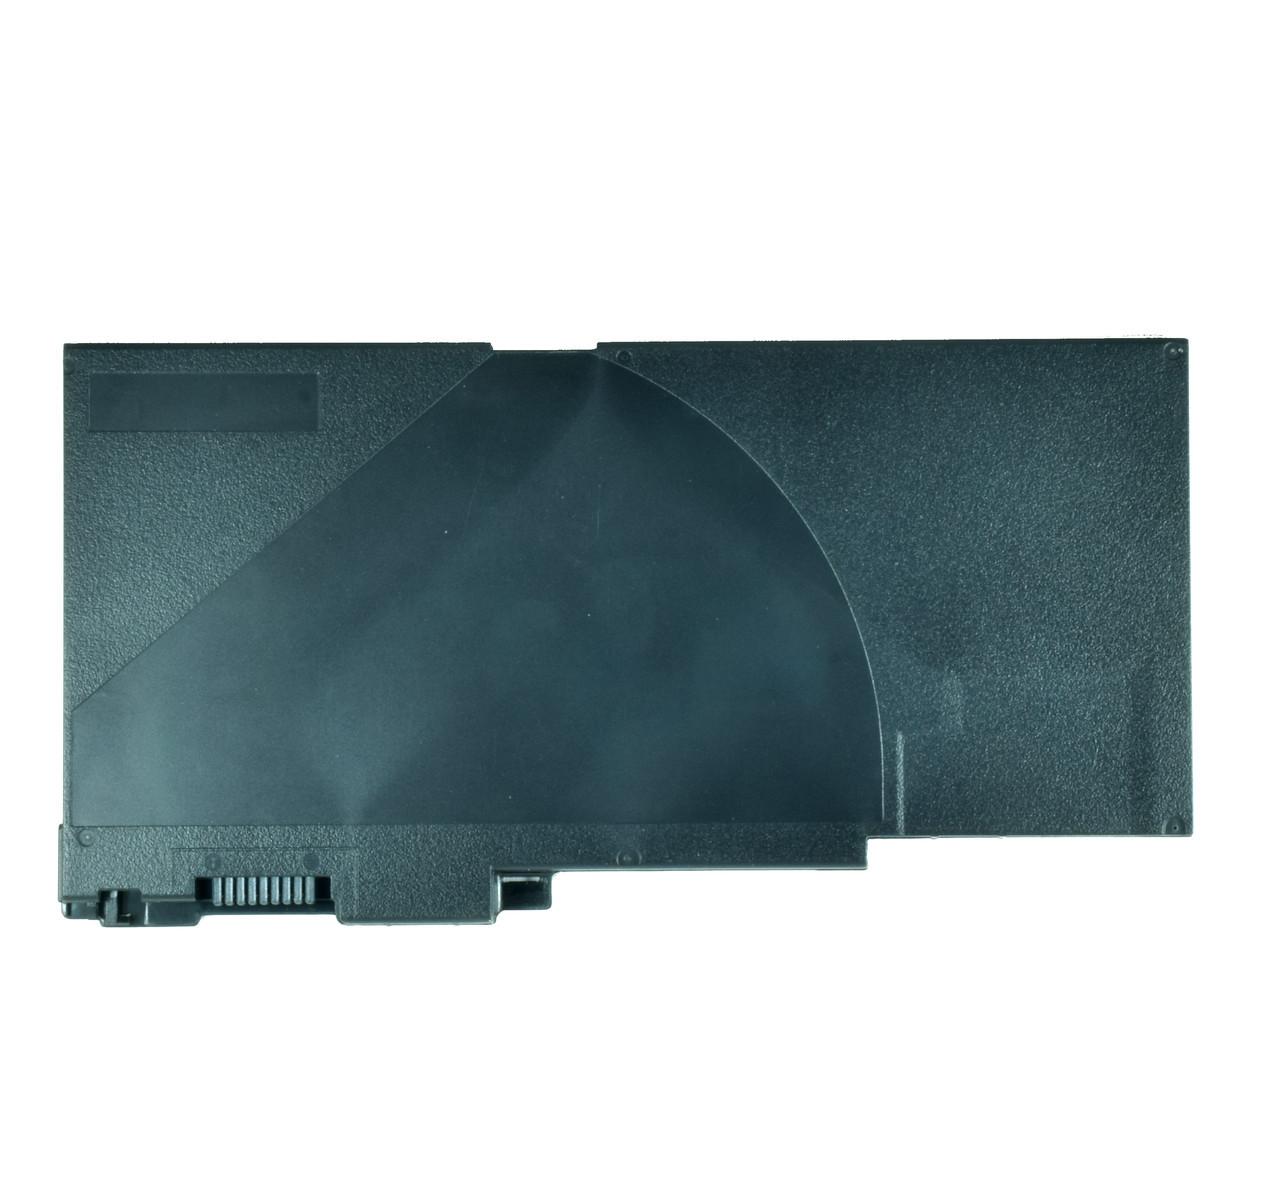 Батарея для ноутбука HP HSTNN-111C-4 HSTNN-111C-5 716724-171 716723-271717376-001 717375-001